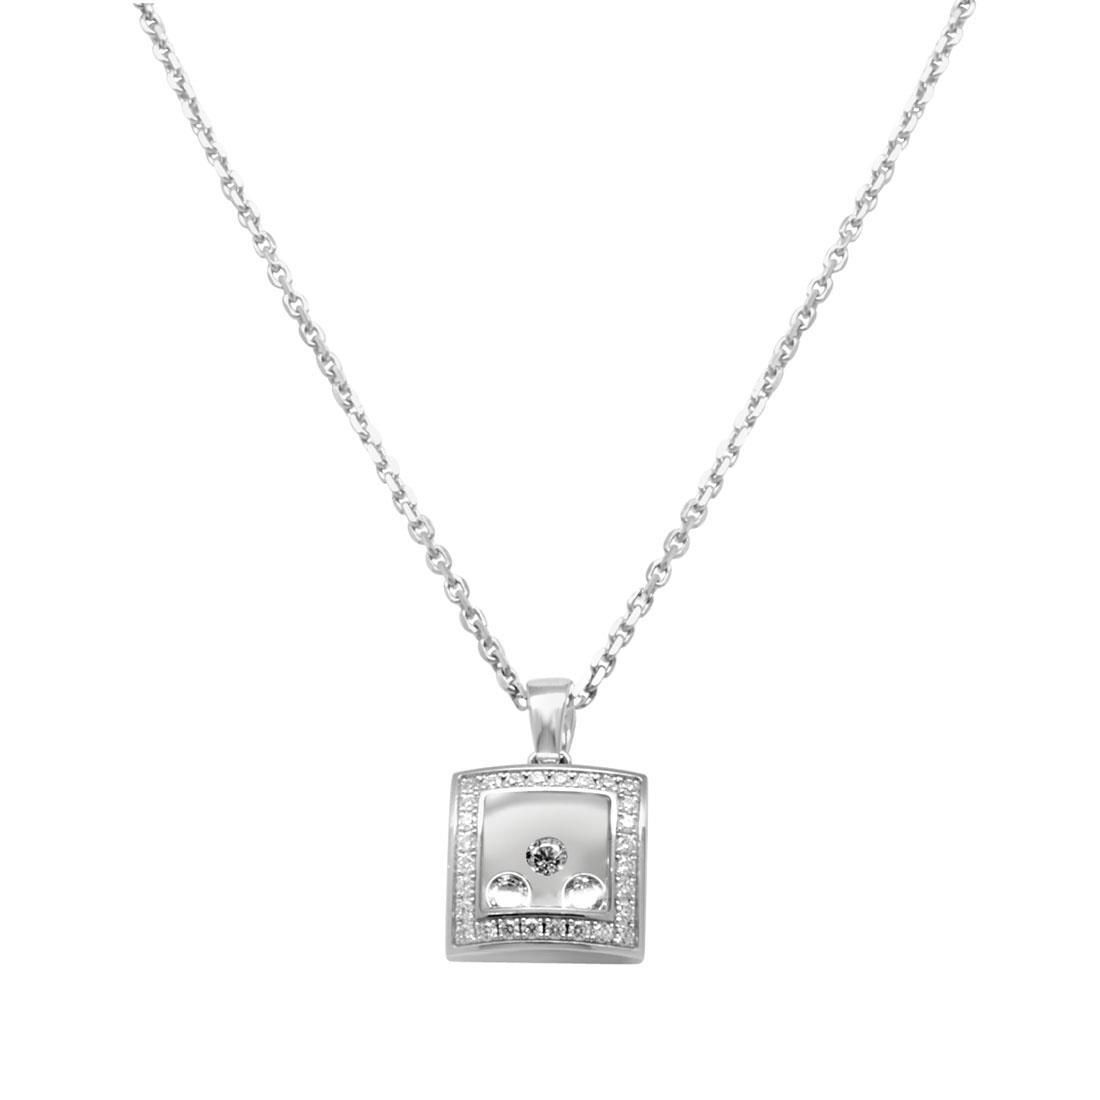 Collier in oro bianco con diamanti - CHOPARD